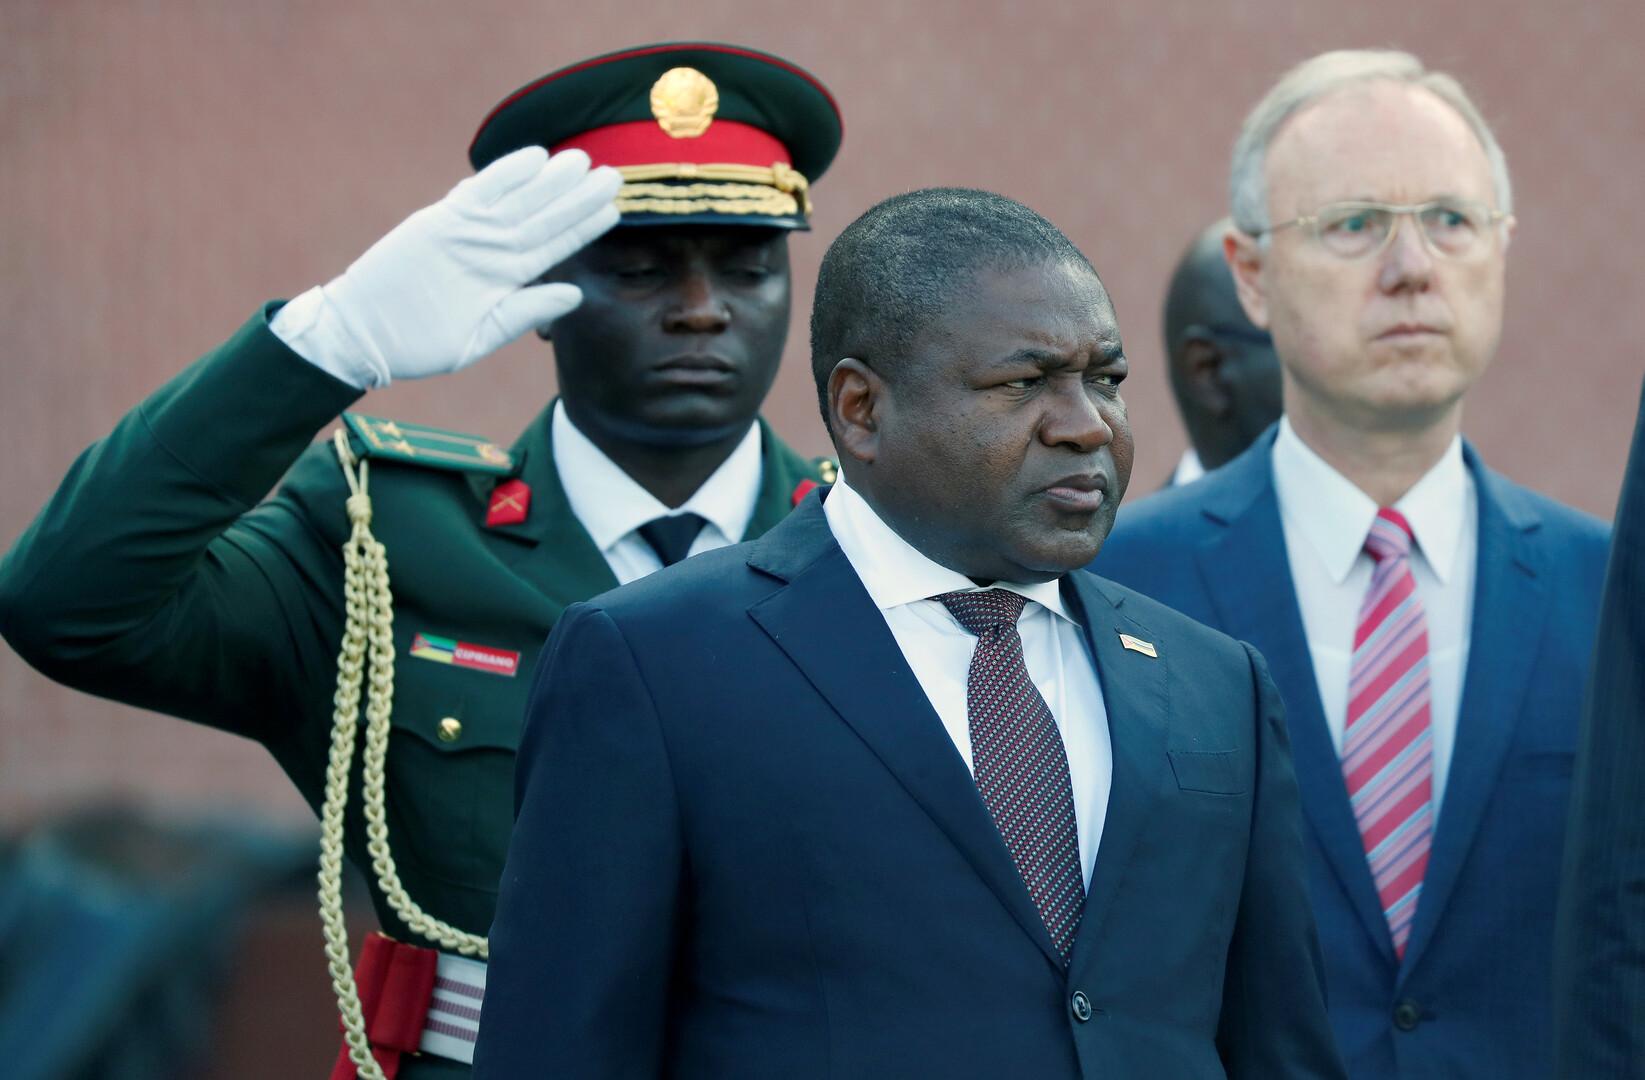 مقتل 10 أشخاص في تدافع خلال مهرجان انتخابي في موزمبيق